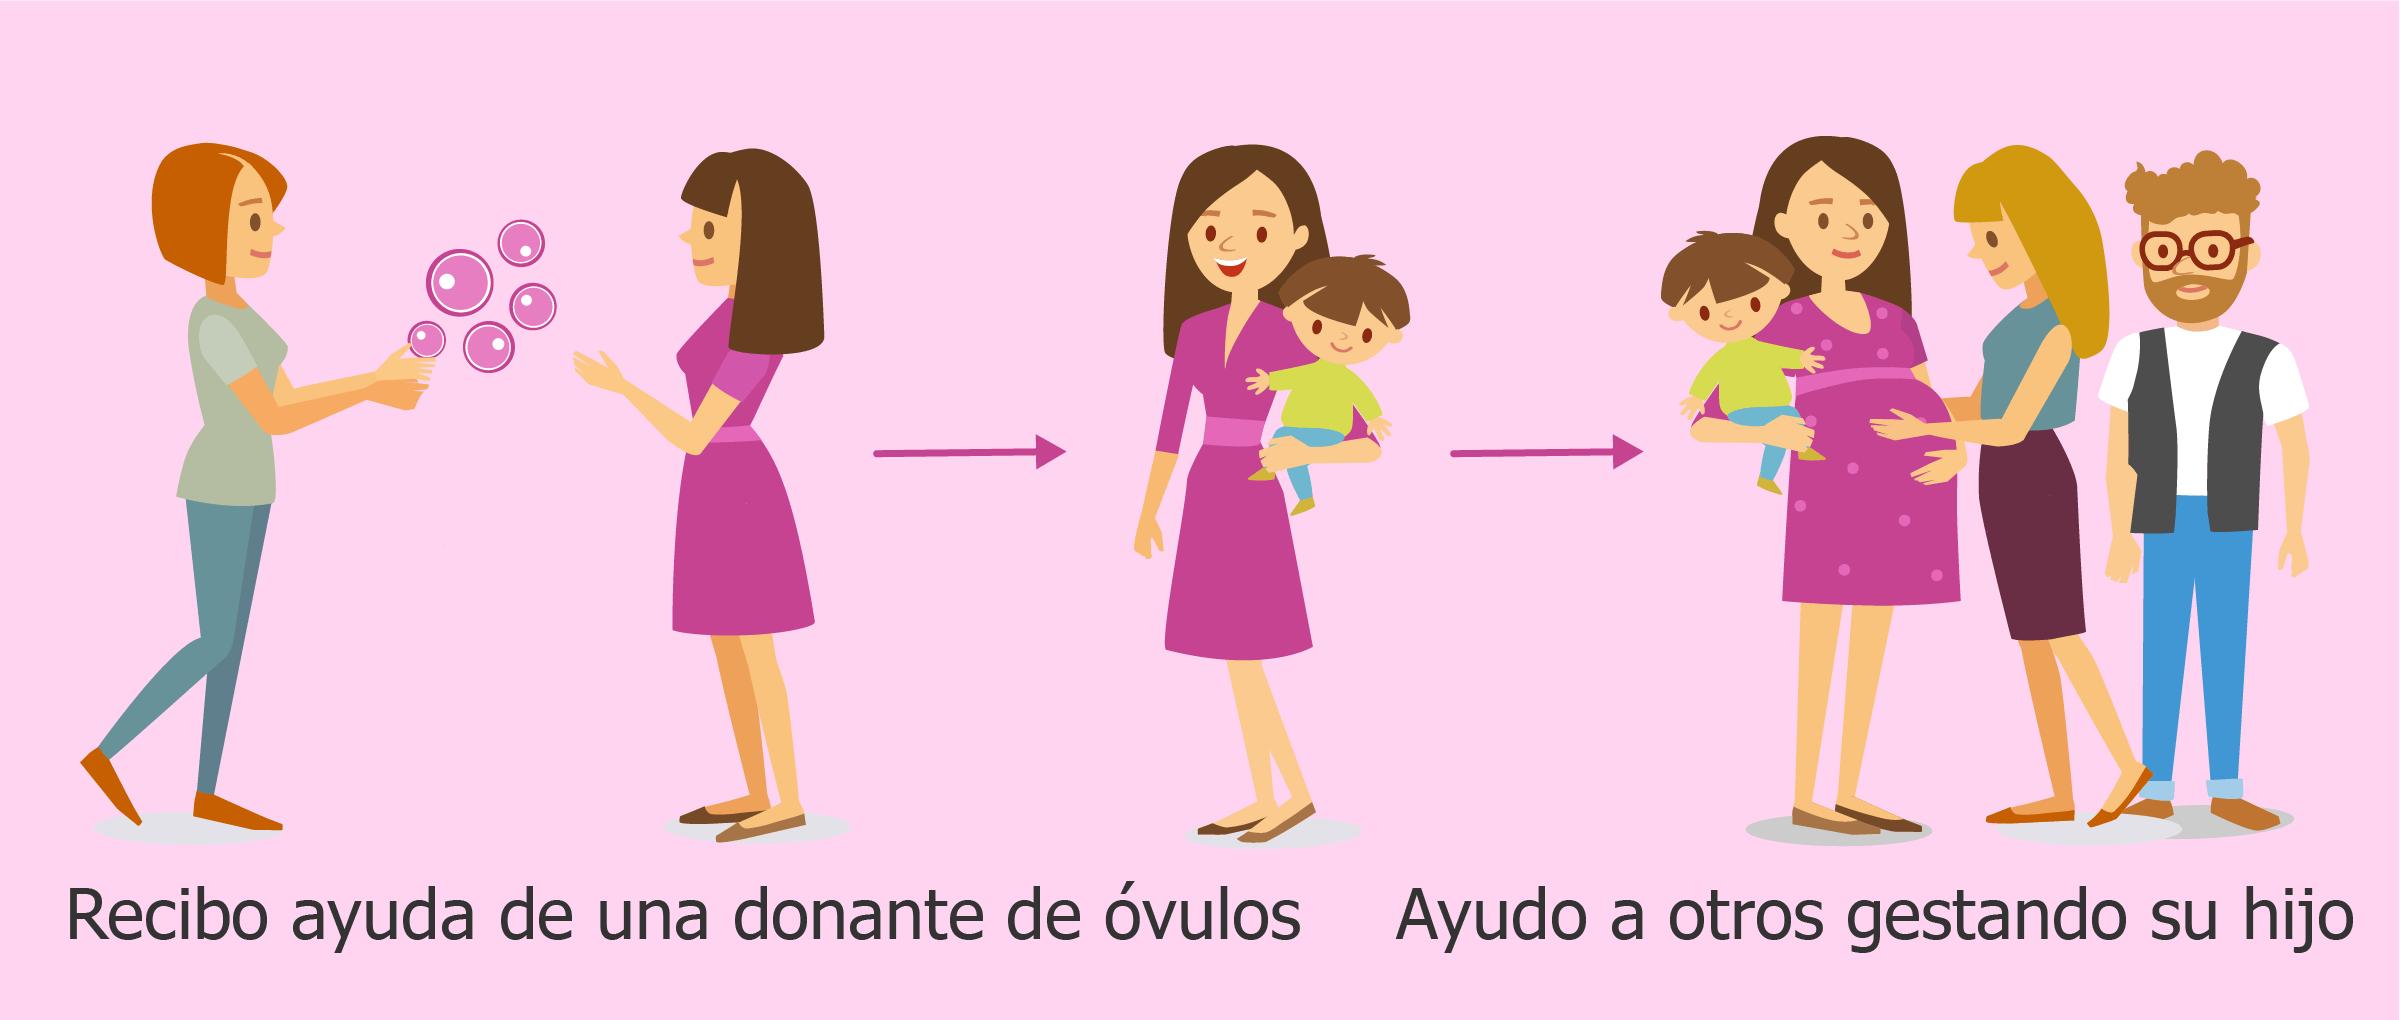 Ayudar a otros a ser padres a través del embarazo subrogado